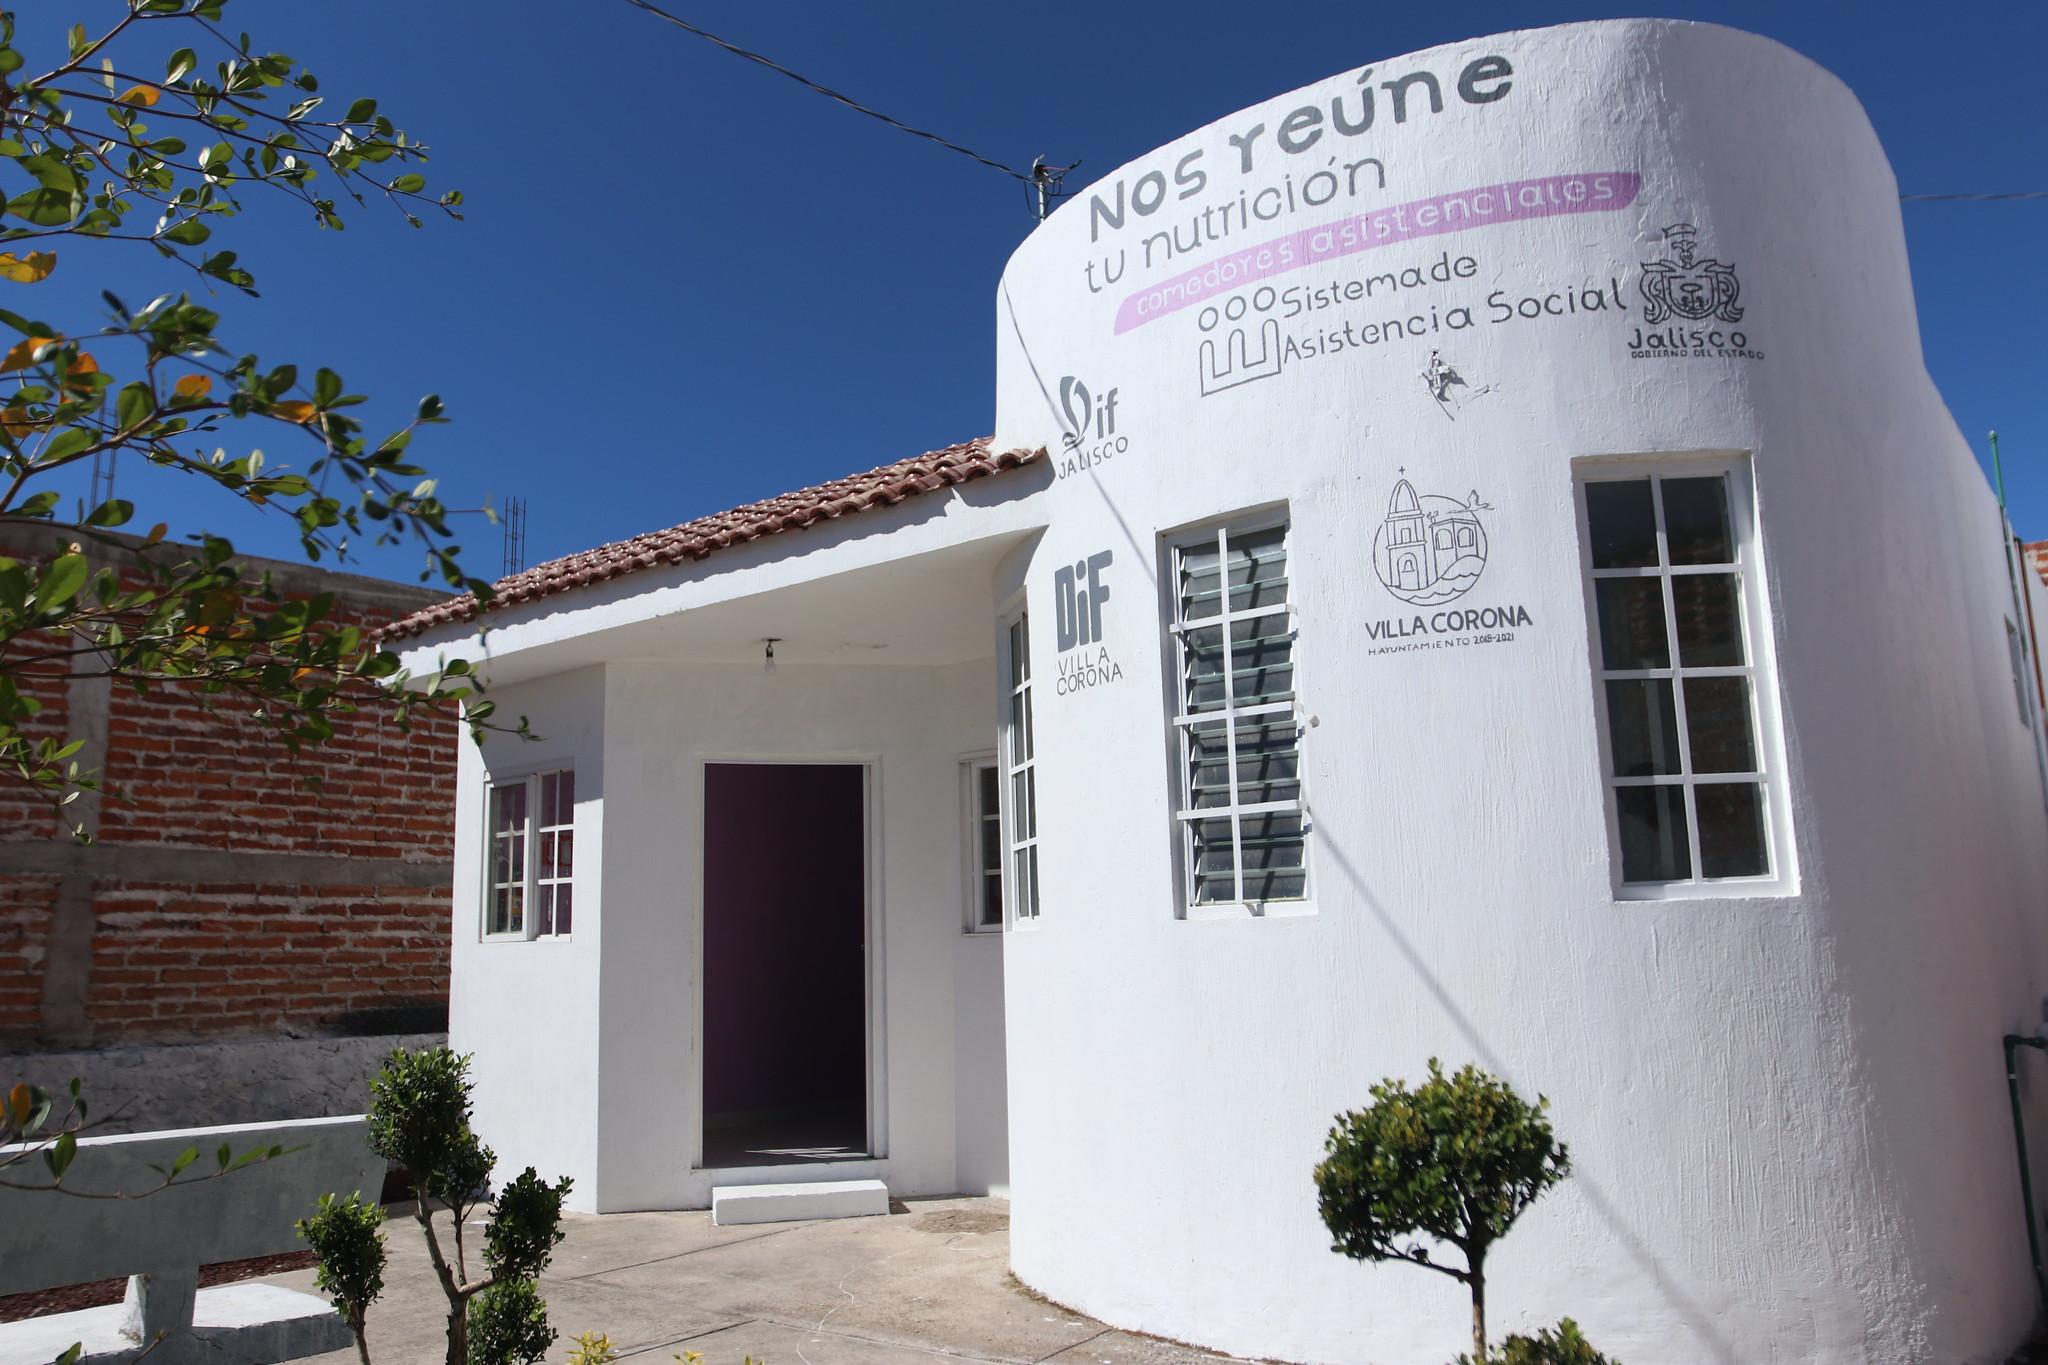 Comedor Asistencial inaugurado en la comunidad de Juan Gil Preciado, municipio de Villa Corona.